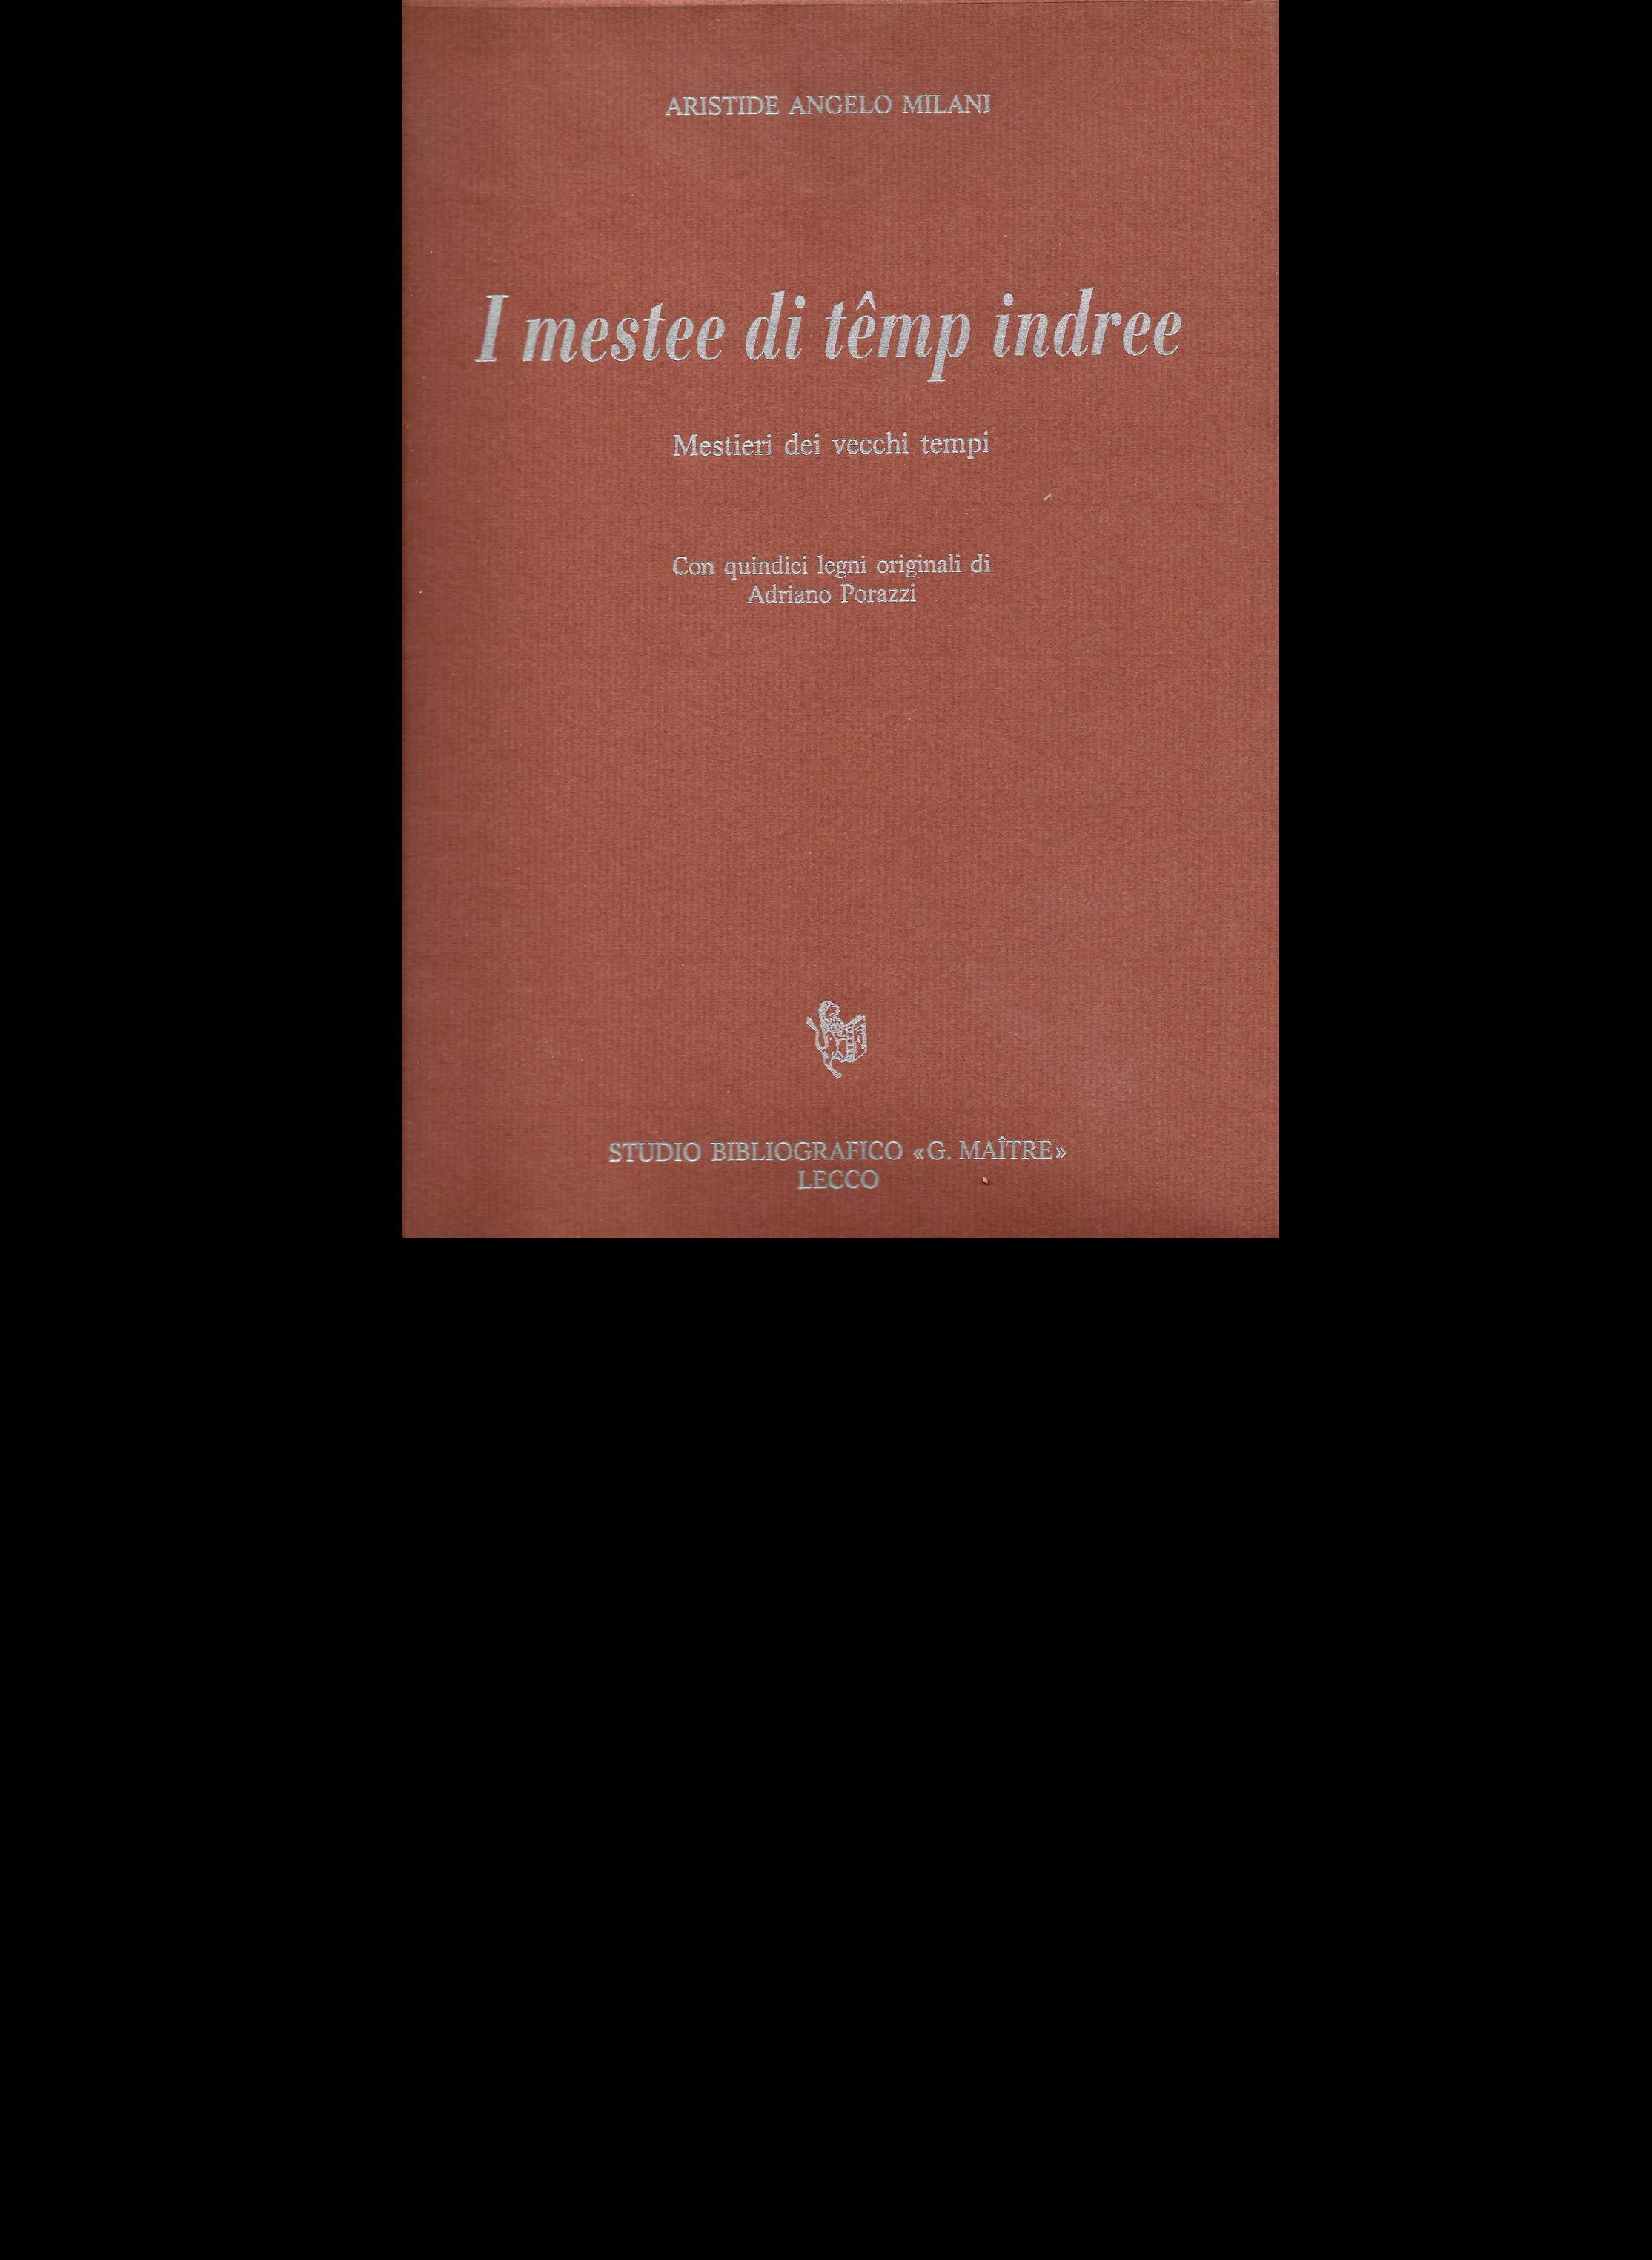 I mestee di temp indree[16192]